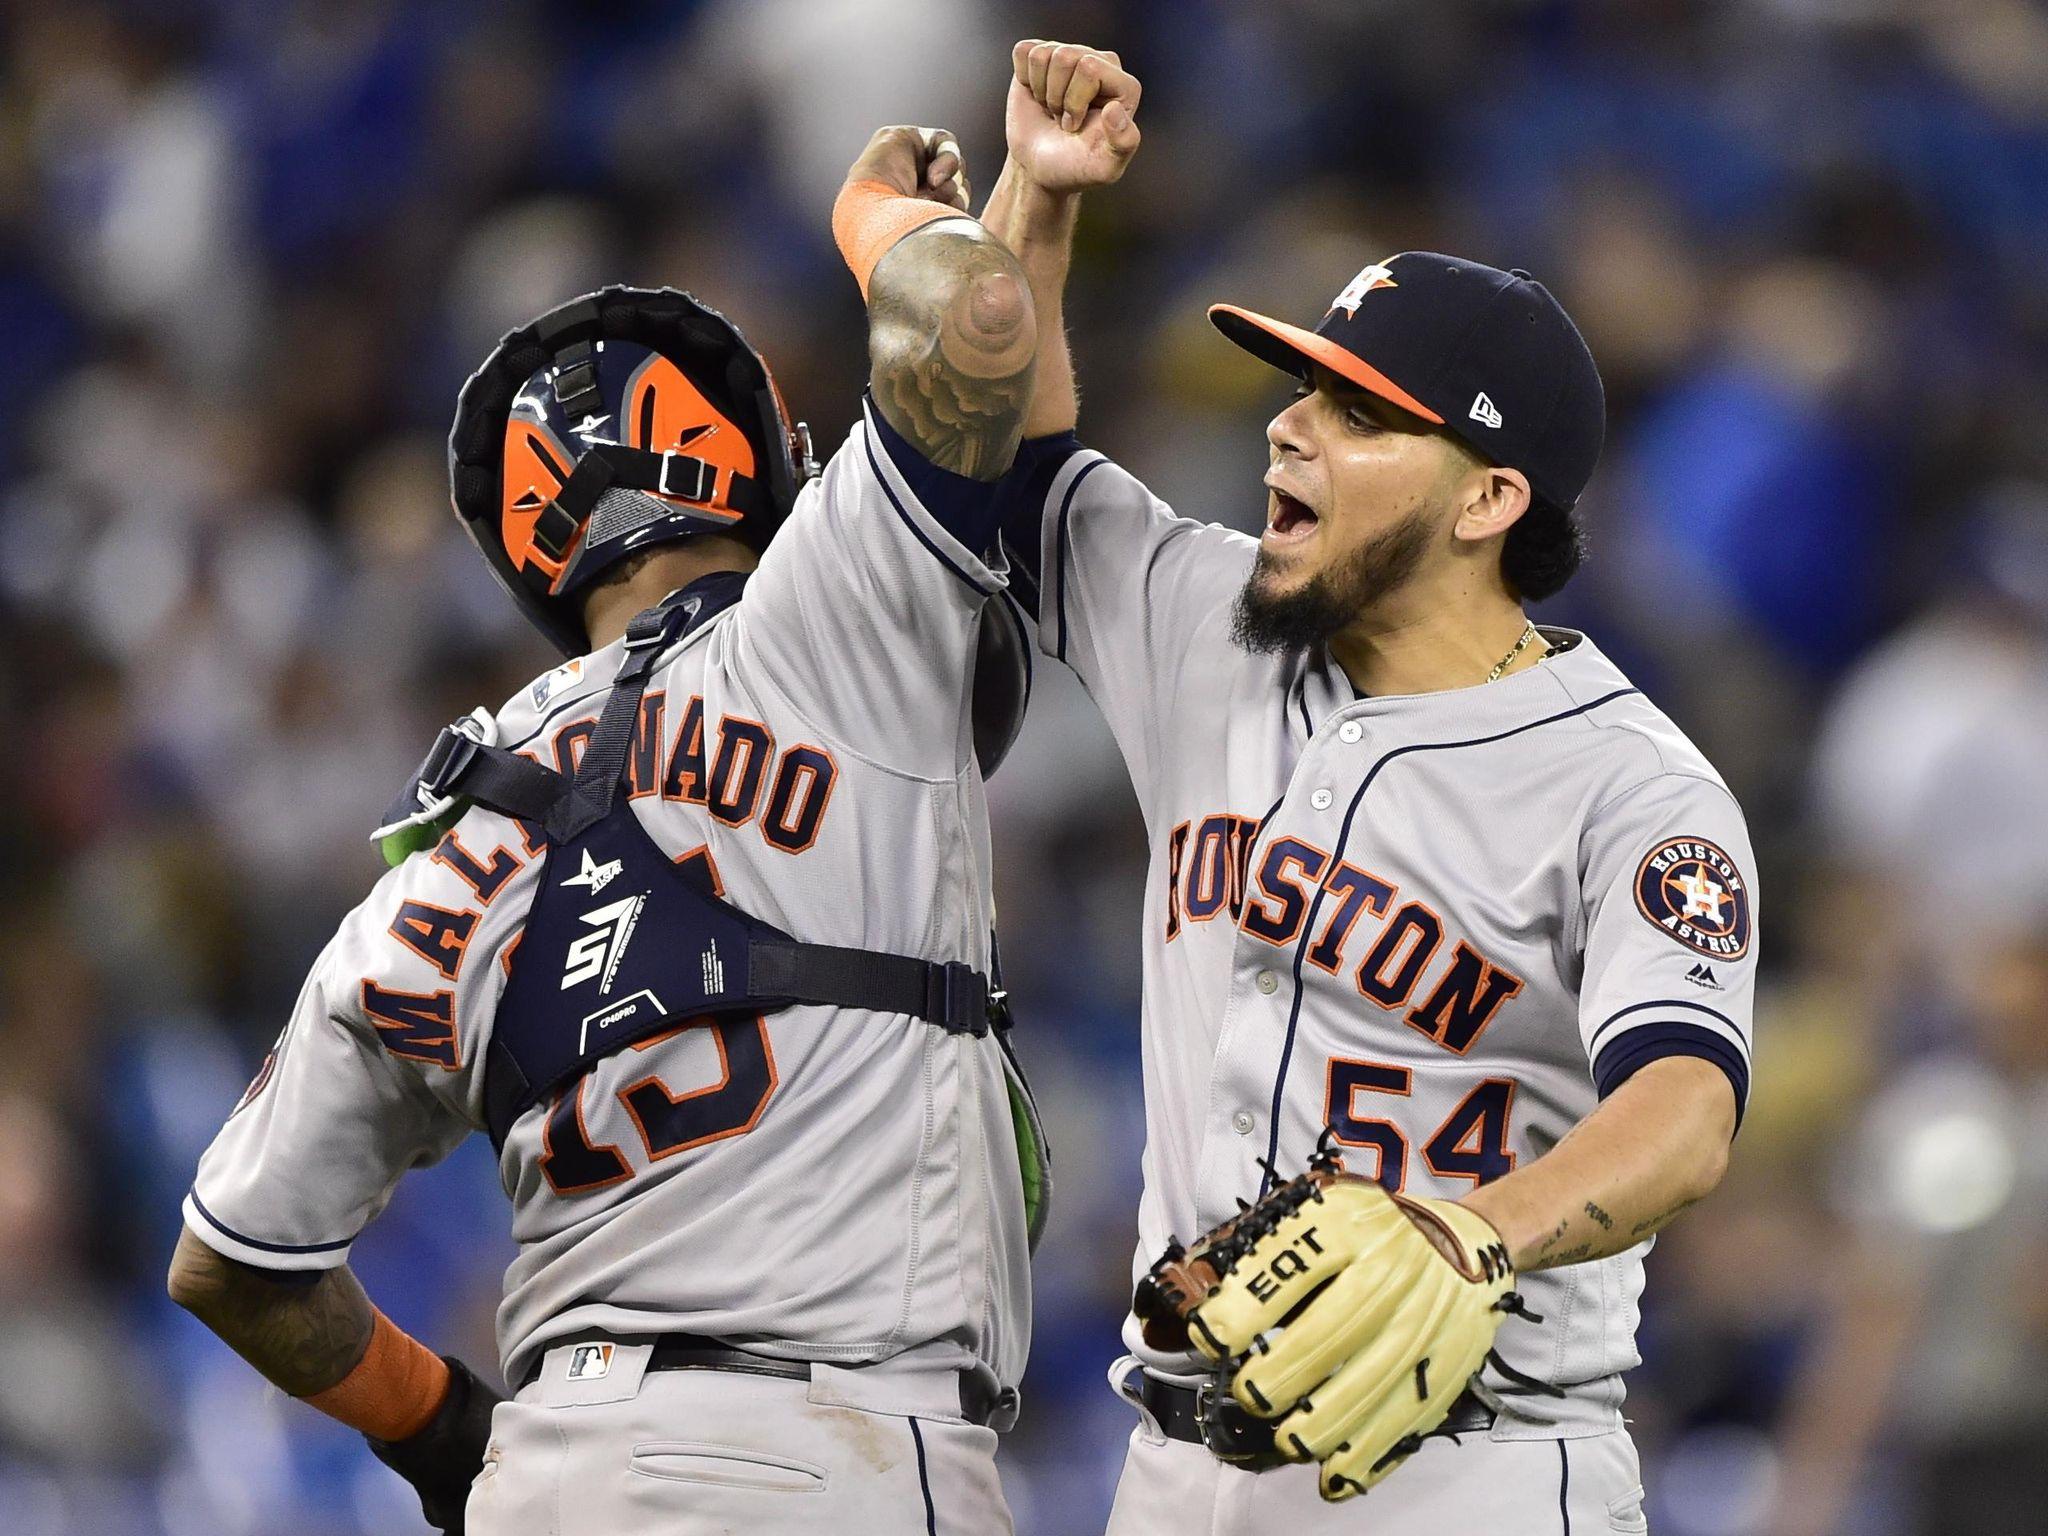 Astros_blue_jays_baseball_53819_s2048x1536